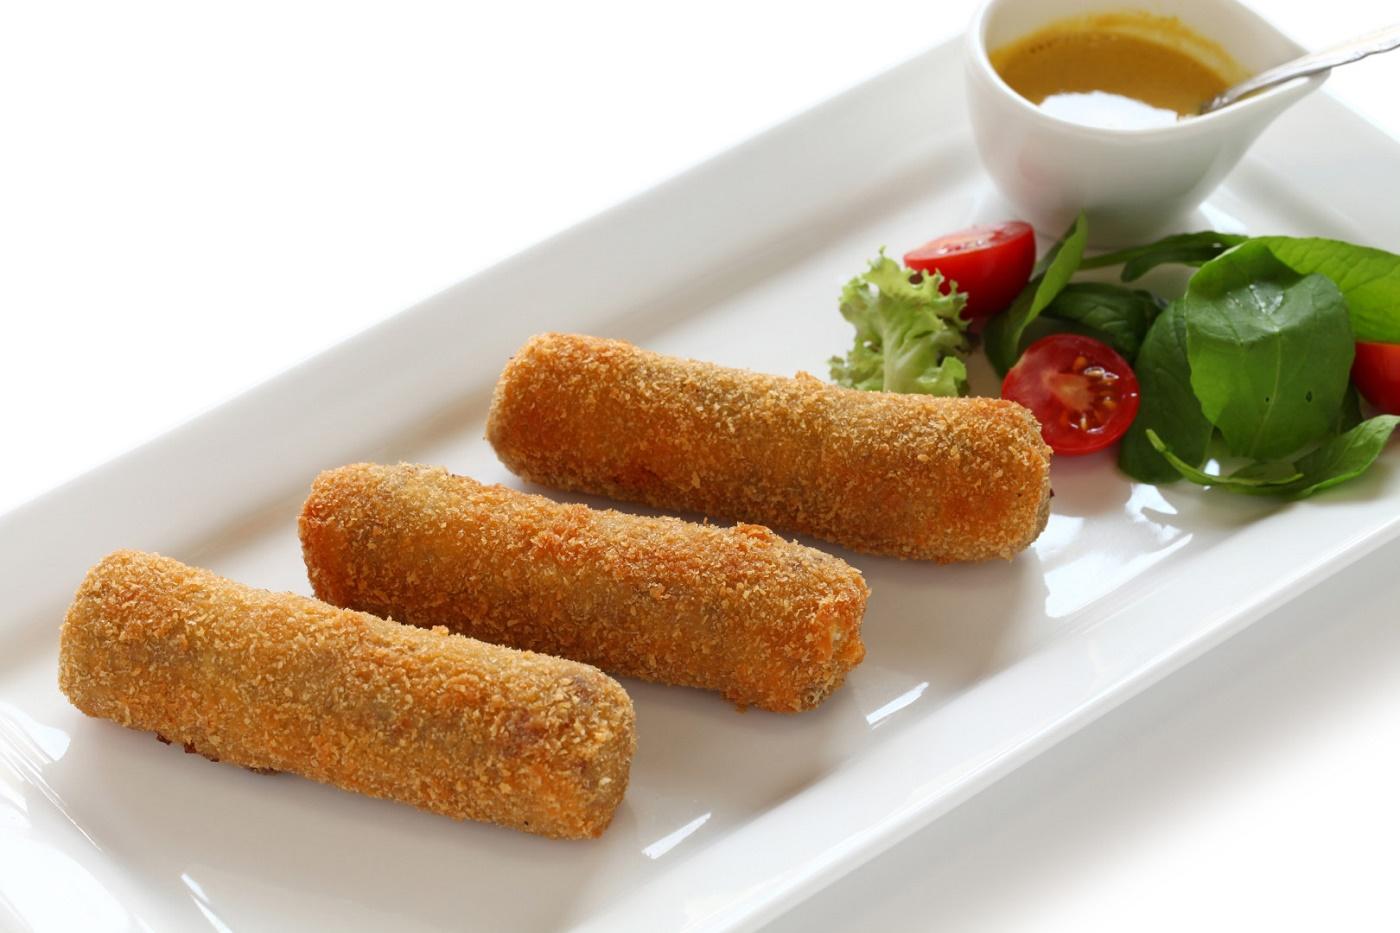 Delicioso croquete de grão de bico (simples e saudável)